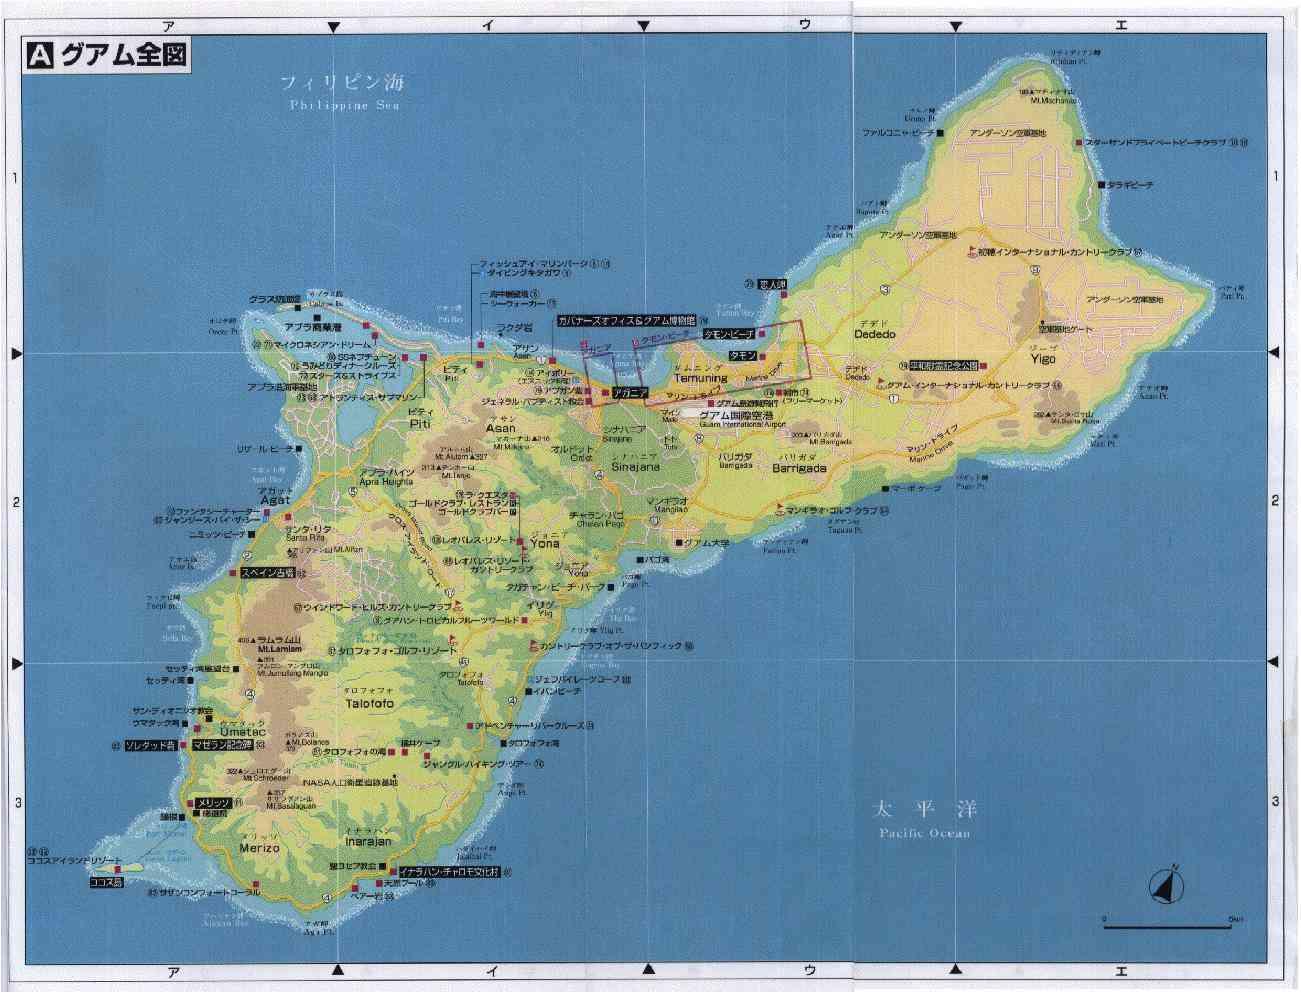 人気観光地グアムで日本人客襲われる…日本人2人死亡11人負傷